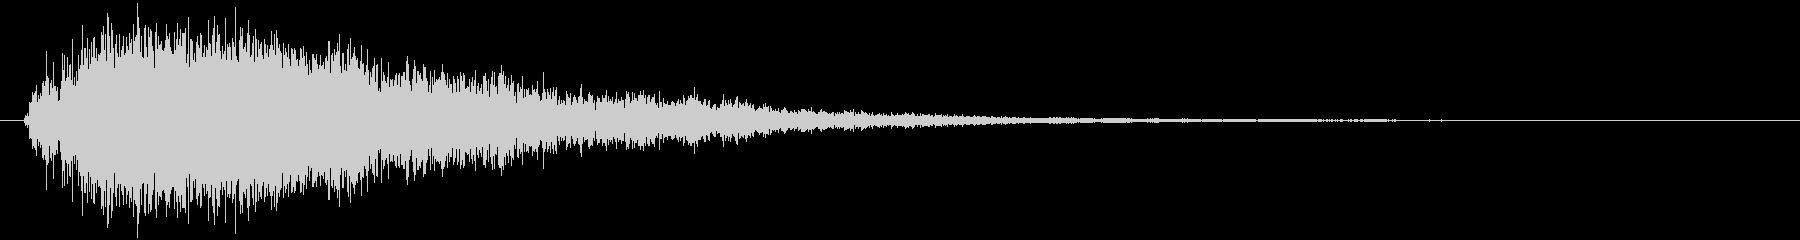 シャキーン(斬撃、決定音、剣、刀)の未再生の波形